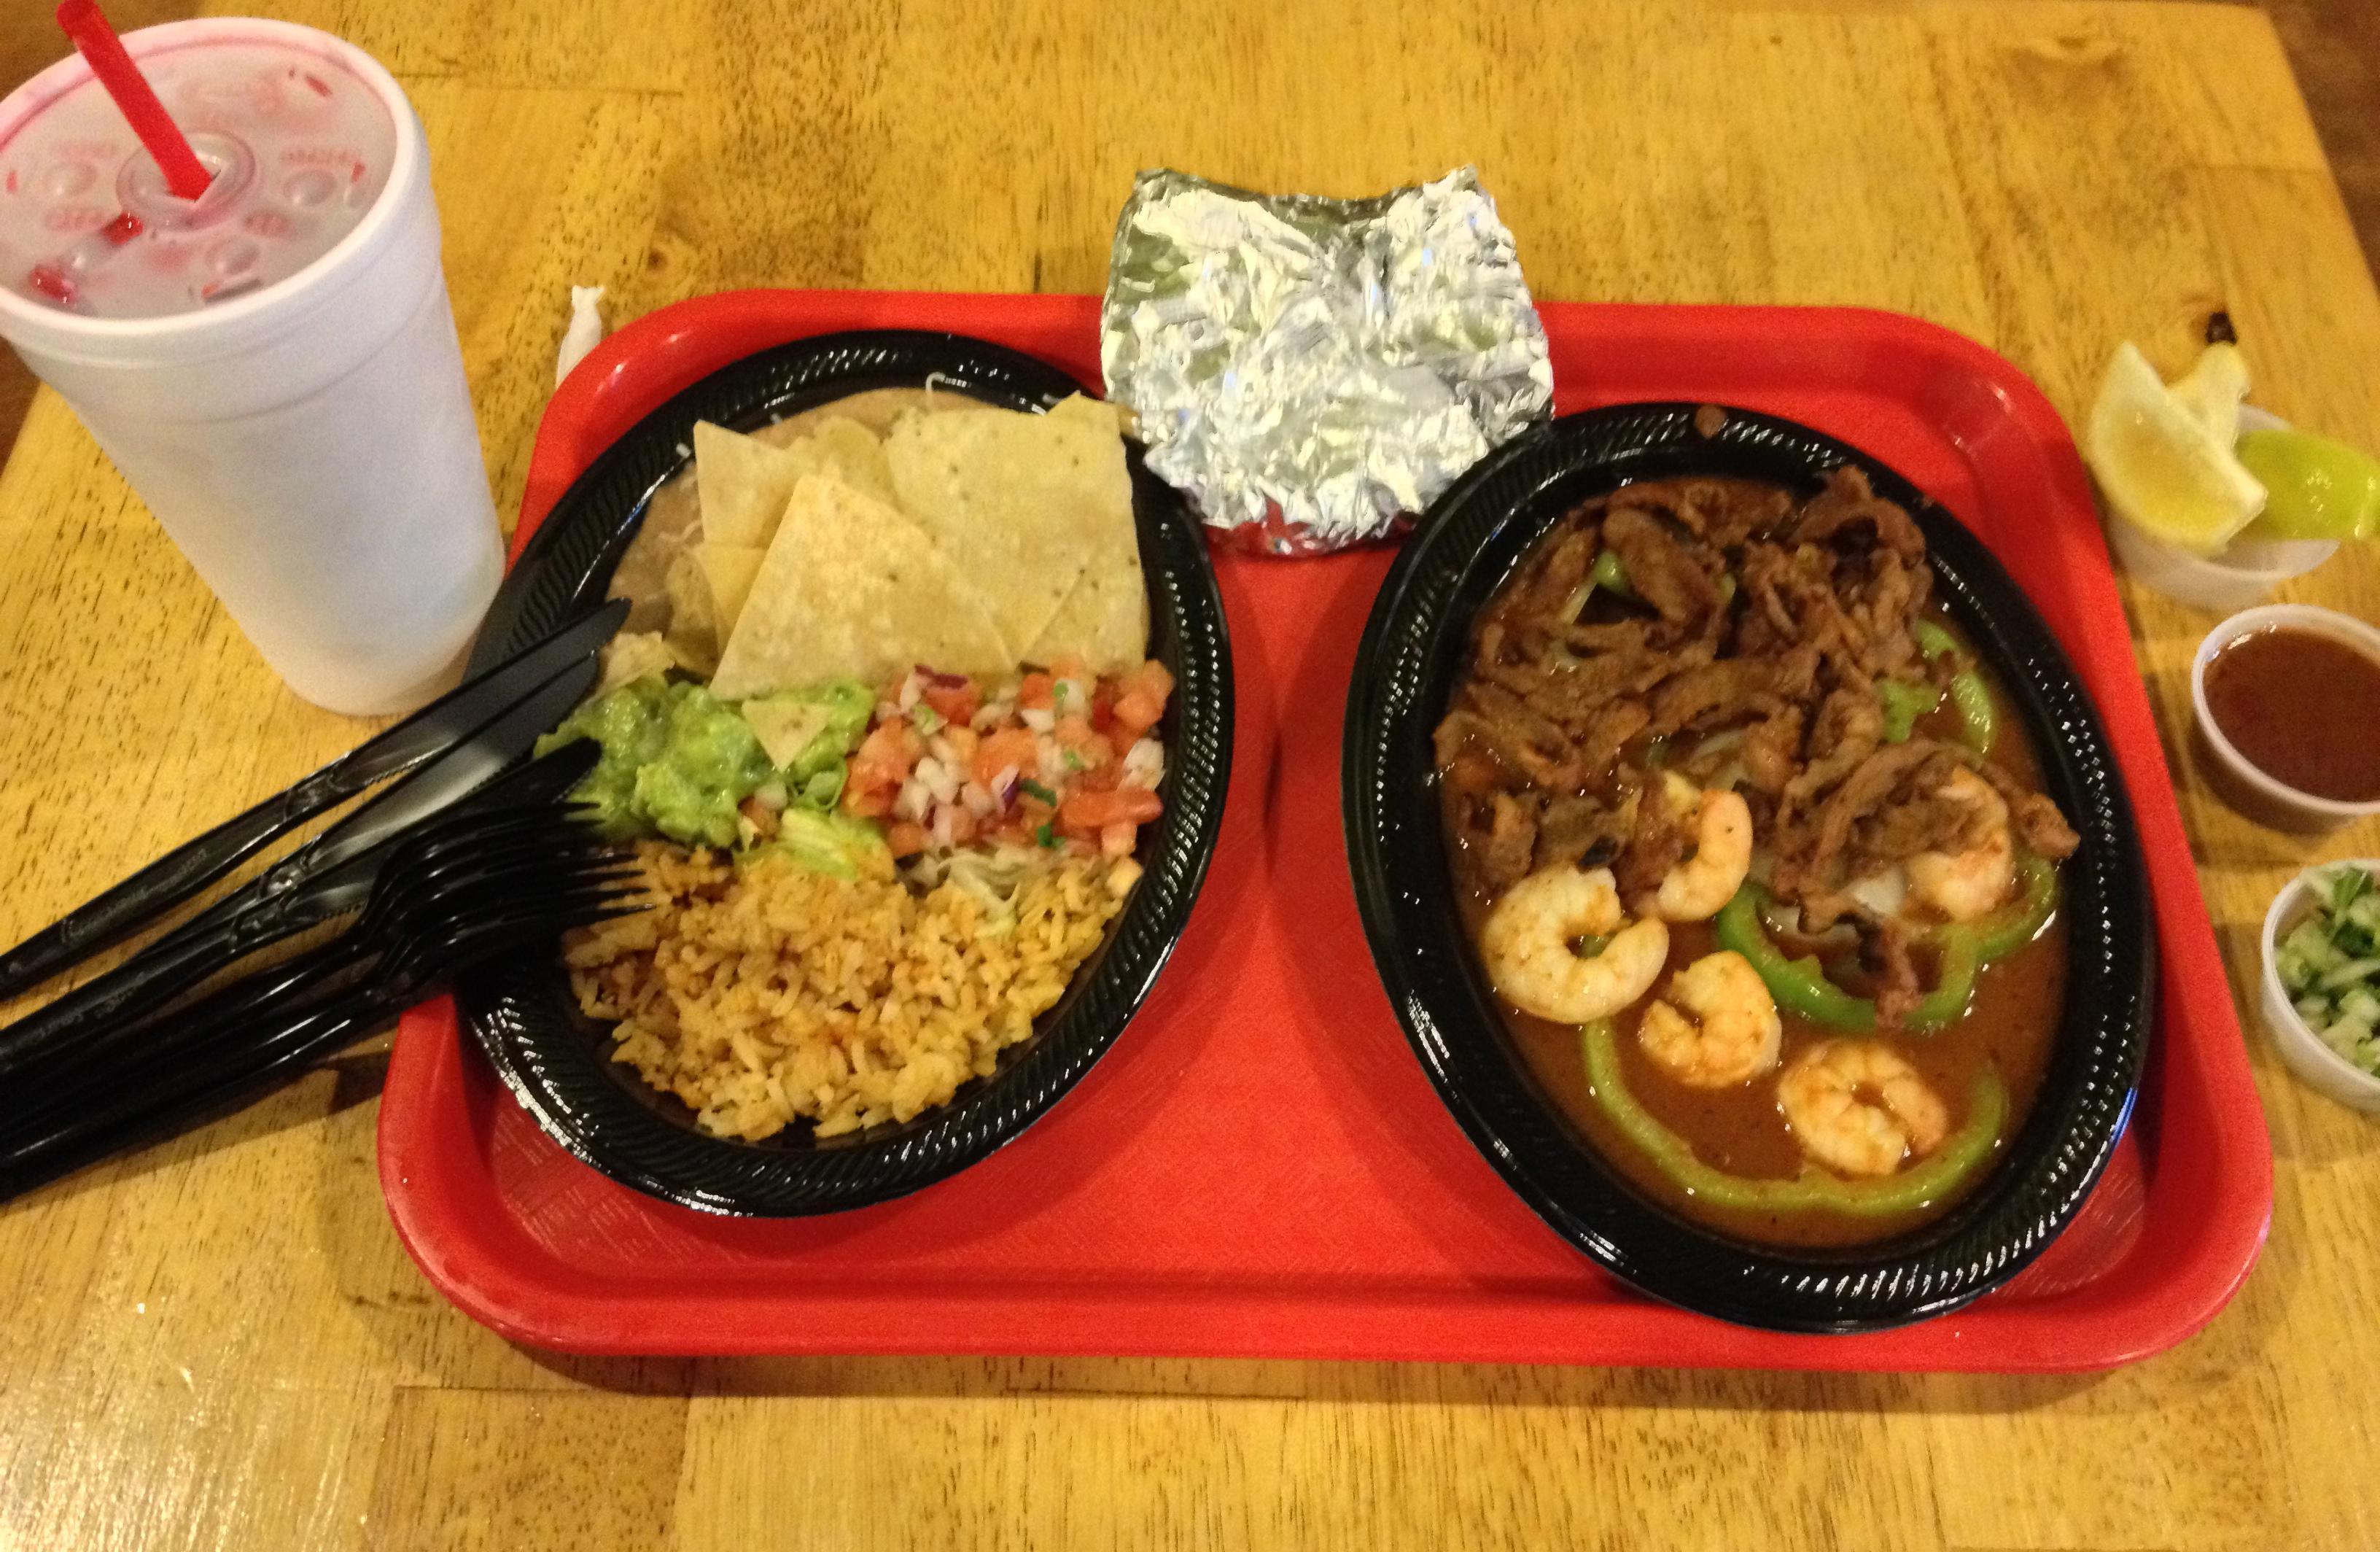 墨西哥菜为什么这么讨美国人喜欢?